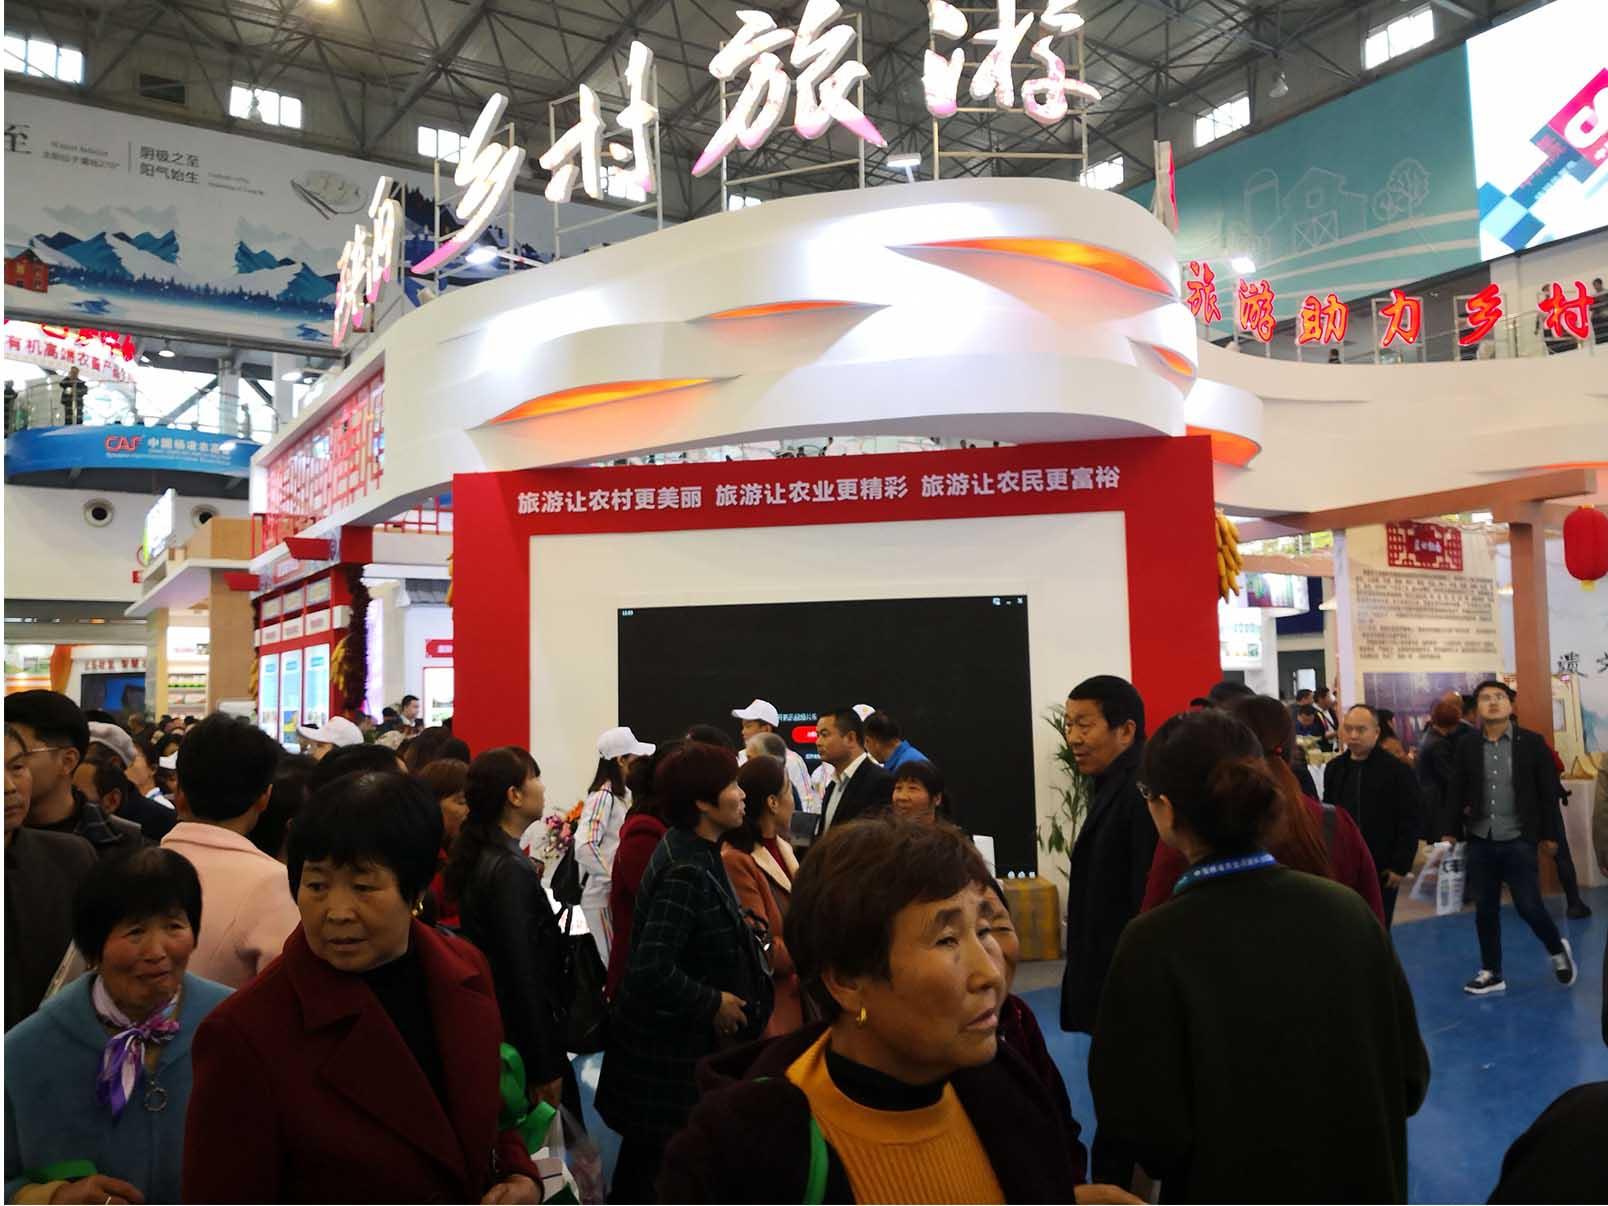 陕西乡村旅游展台-2019杨凌农高会